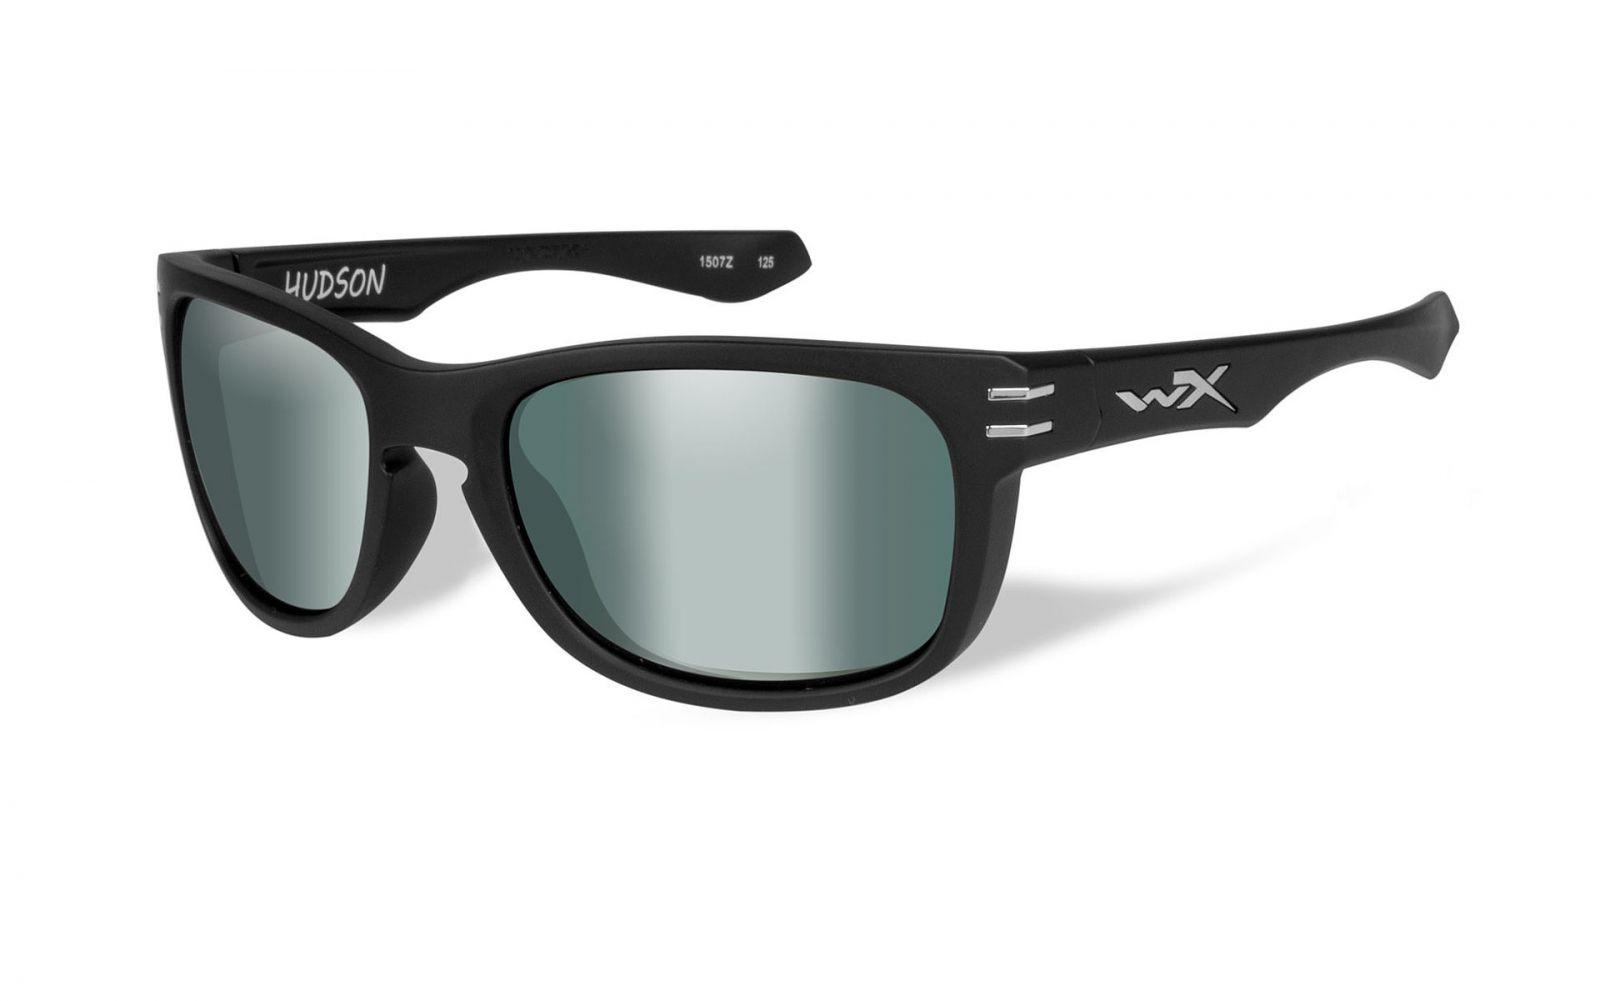 /produkty/193/polarizacne-okuliare/Wileyx/Okuliare-Hudson